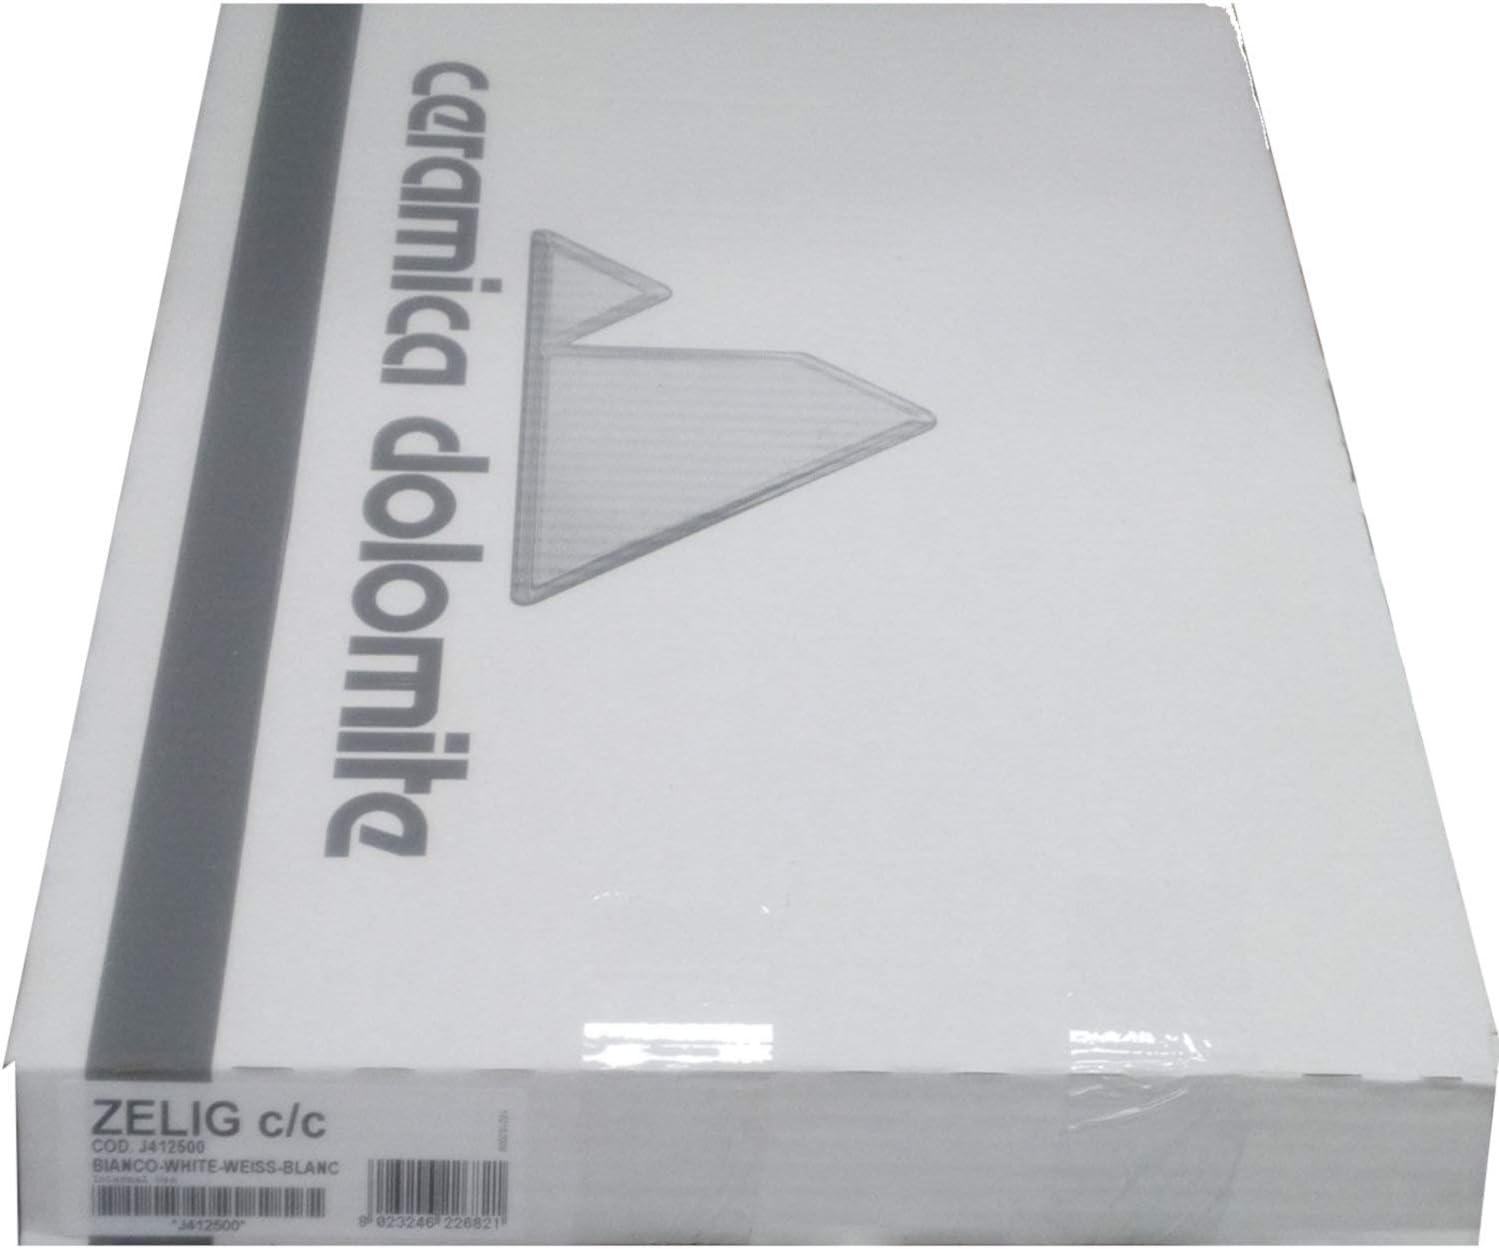 Ceramica Dolomite Serie Zelig.Ceramica Dolomite J412500 Sedile Per Vaso Monoblocco Zelig Bianco Amazon It Fai Da Te